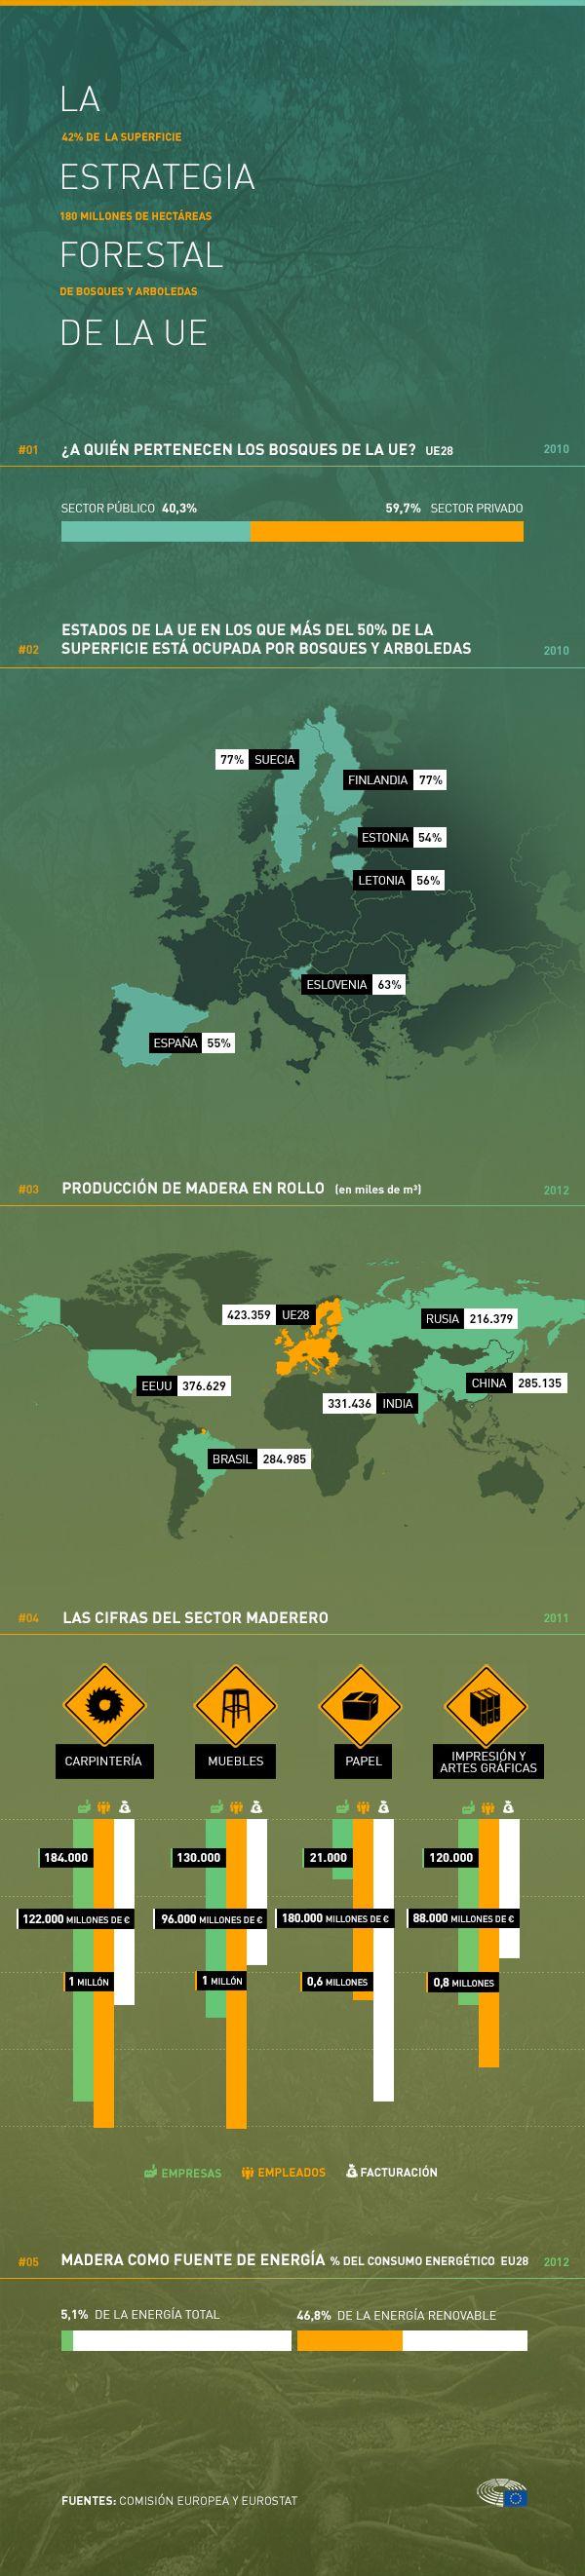 Bosques y arboledas cubren el 40% de la superficie europea y los sectores económicos vinculados generan alrededor de 3,5 millones de empleos. Es vital que la estrategia a largo plazo se centre en la gestión sostenible así como en la rentabilidad social y económica del sector. Nuestra infografía detalla las cifras más destacadas de los bosques europeos.